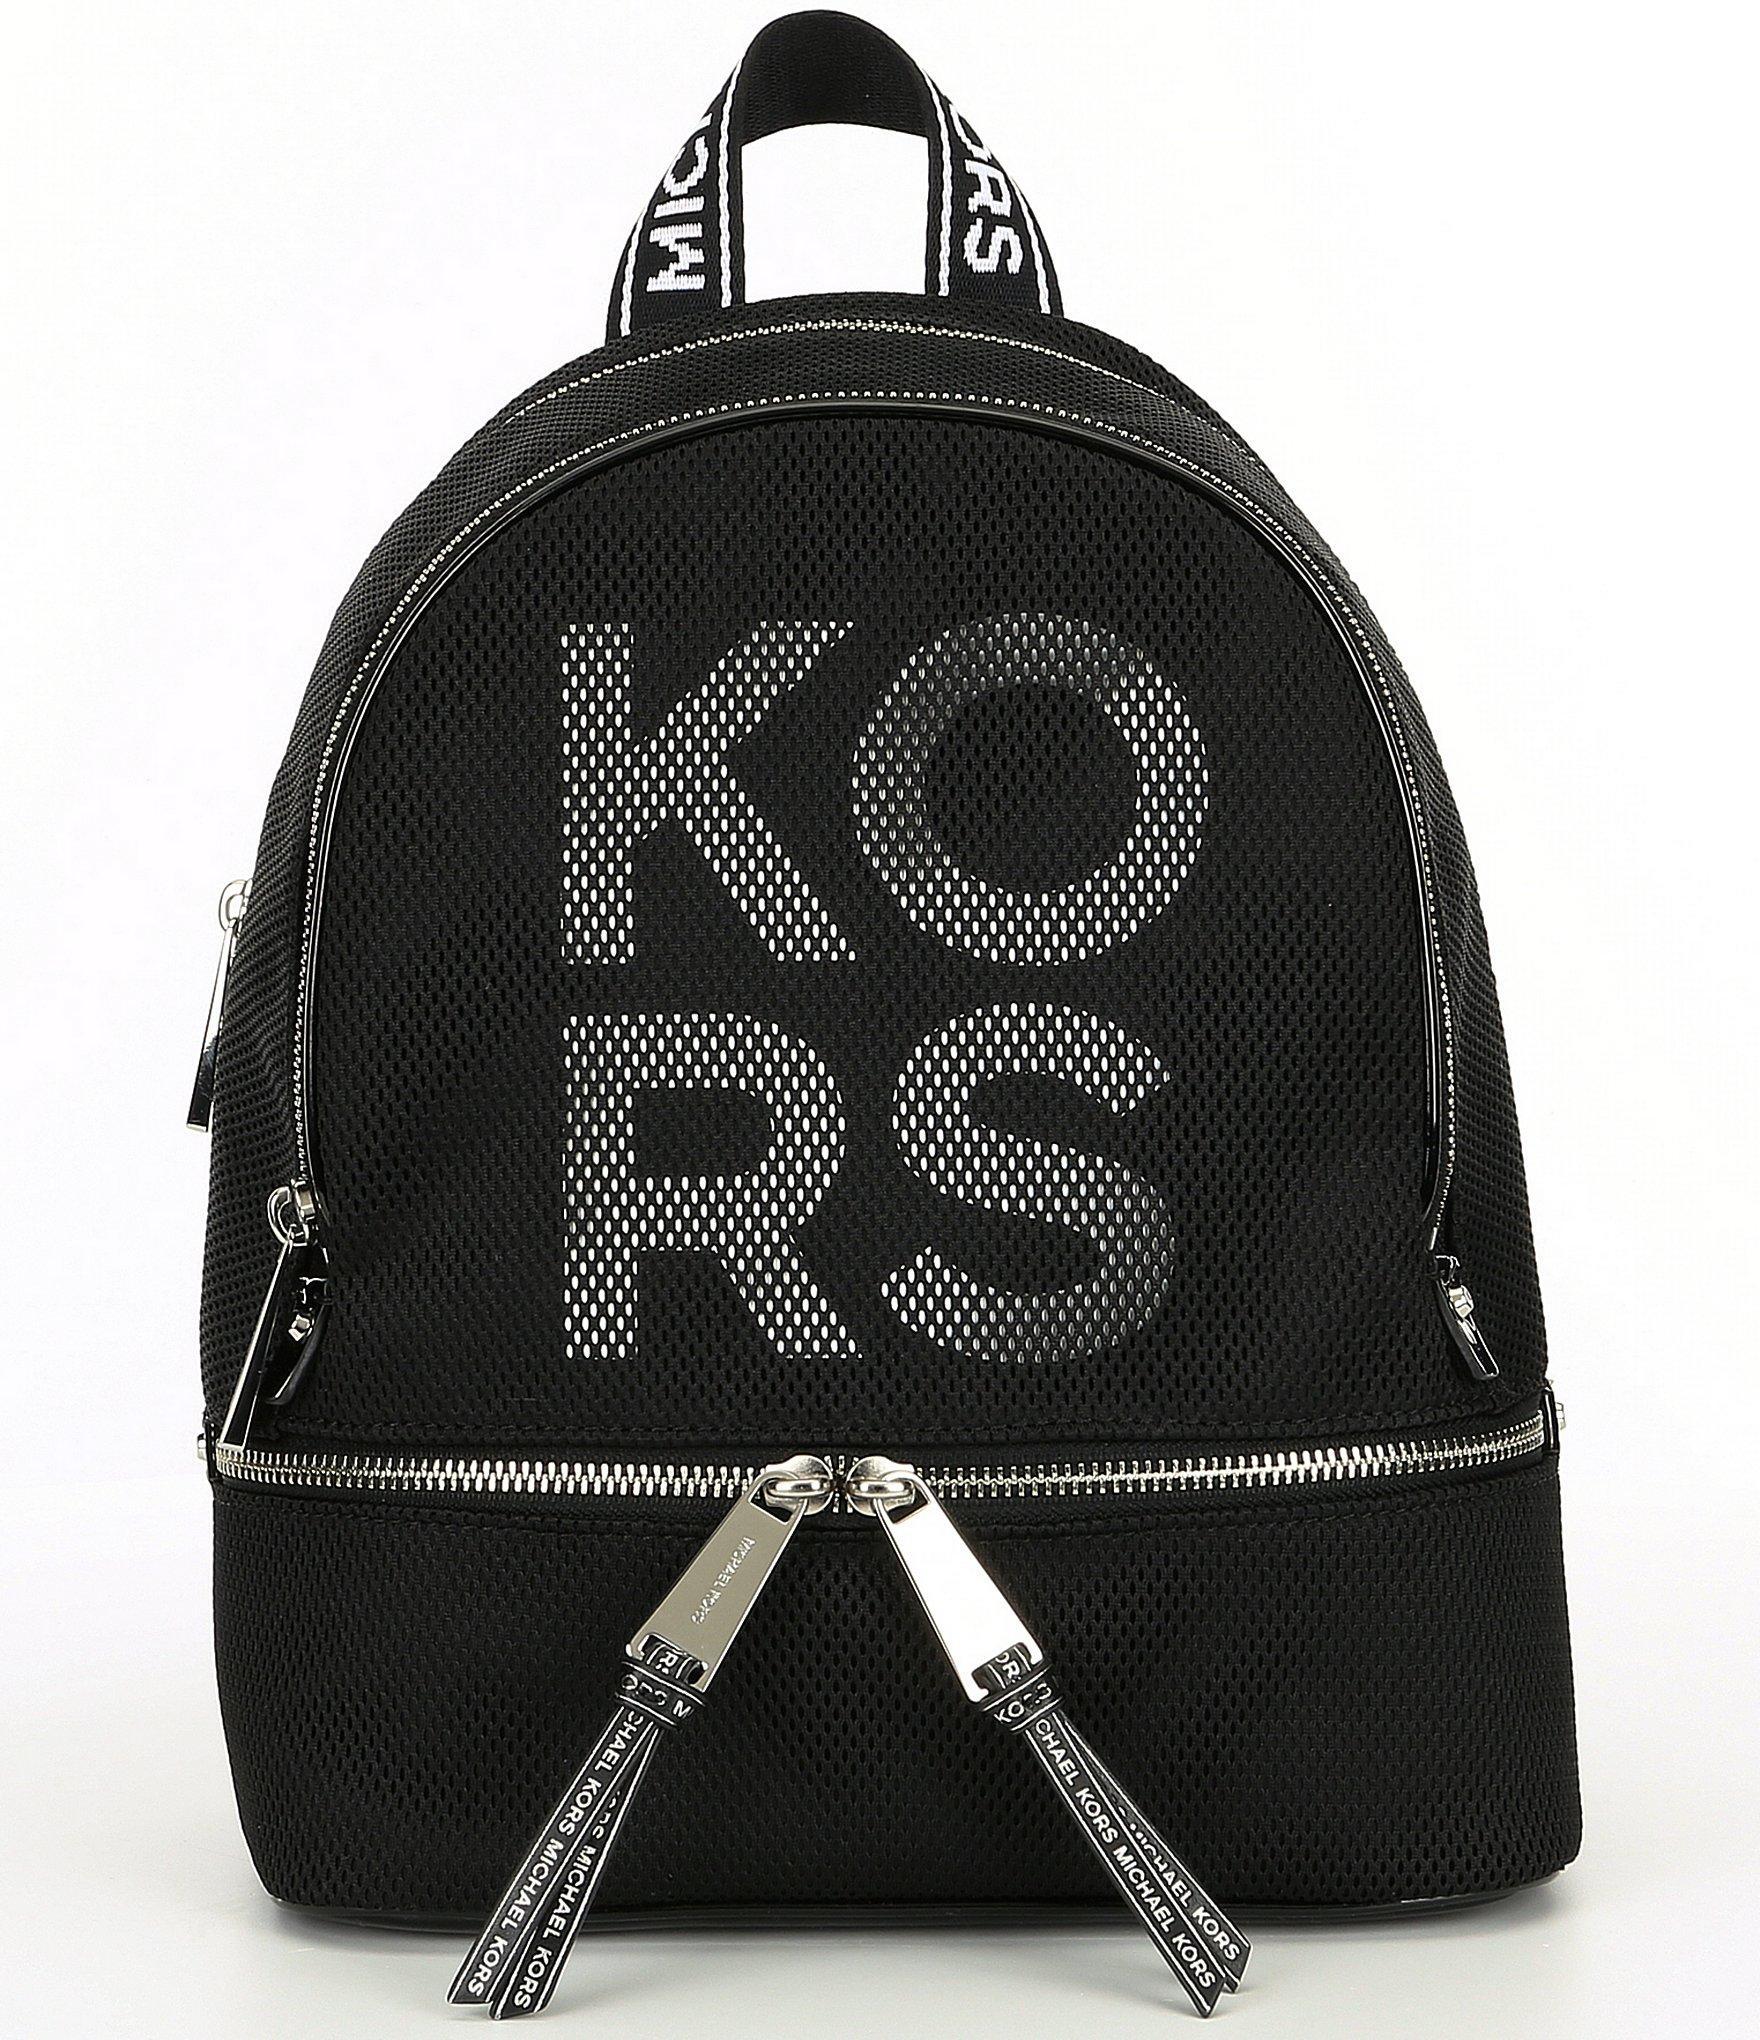 09dc37ada3 Lyst - MICHAEL Michael Kors Rhea Colorblock Medium Zip Backpack in Black